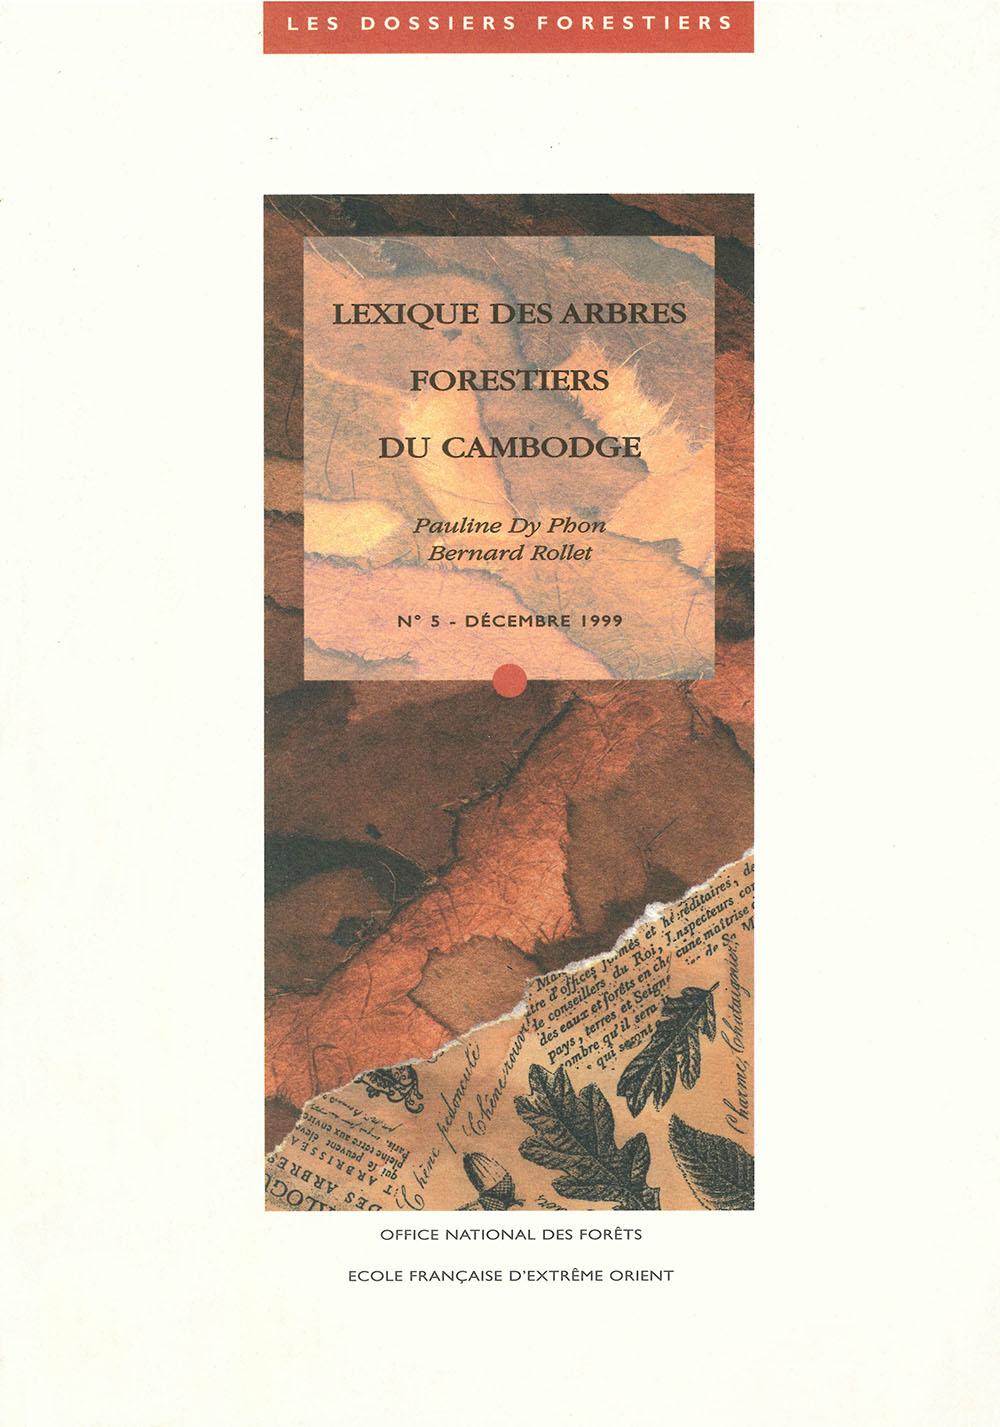 Lexique des arbres forestiers du Cambodge